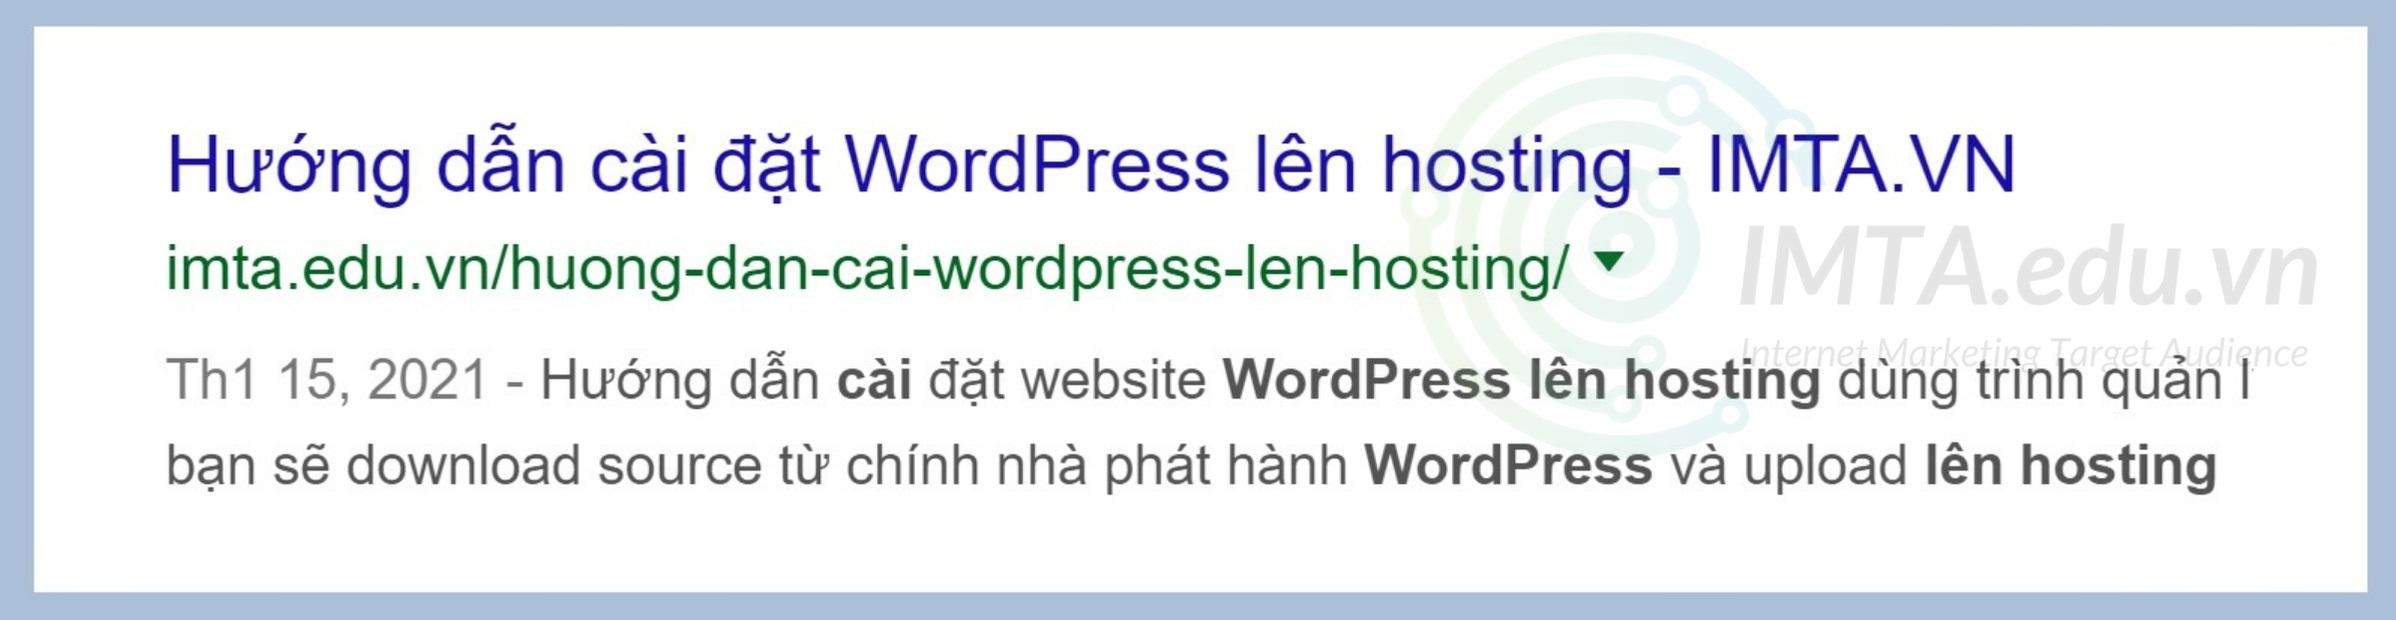 Minh họa về sự ngăn cách giữa tiêu đề nội dung với tên website